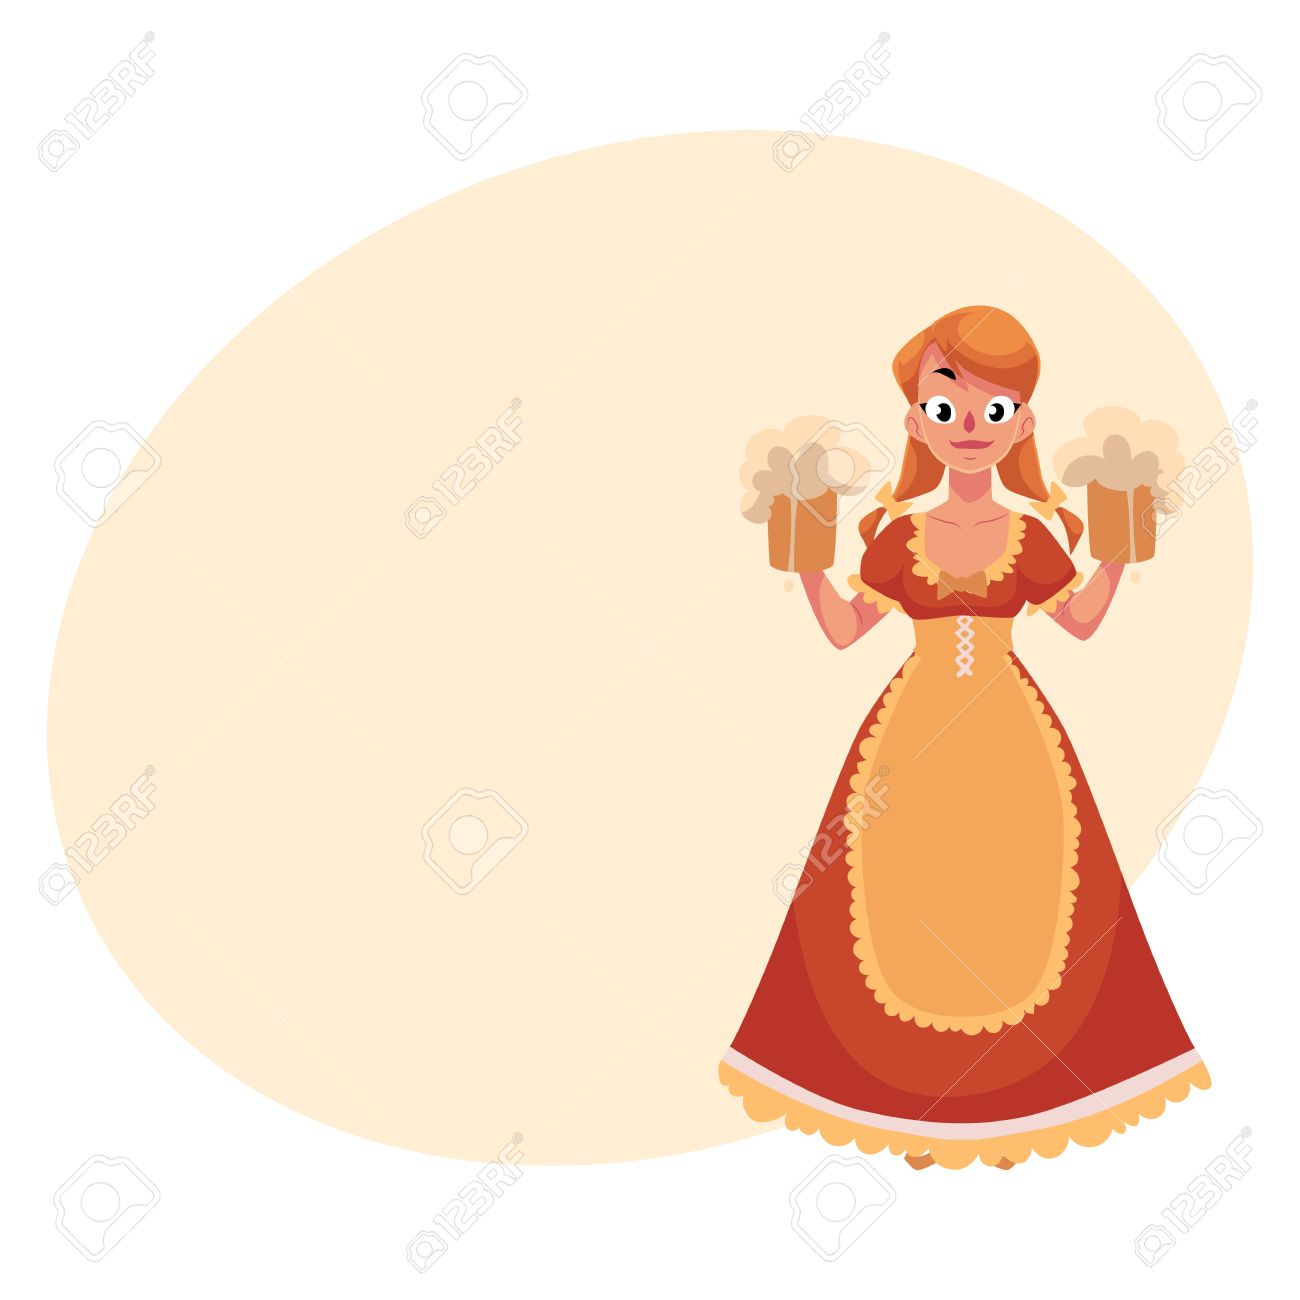 Femme Dans Une Robe De Campagne Traditionnelle Allemande Bavaroise Autrichienne Tenant Des Chopes A Biere Oktoberfest Illustration De Dessin Anime Avec Place Pour Le Texte Fille Allemande En Costume Traditionnel Oktoberfest Clip